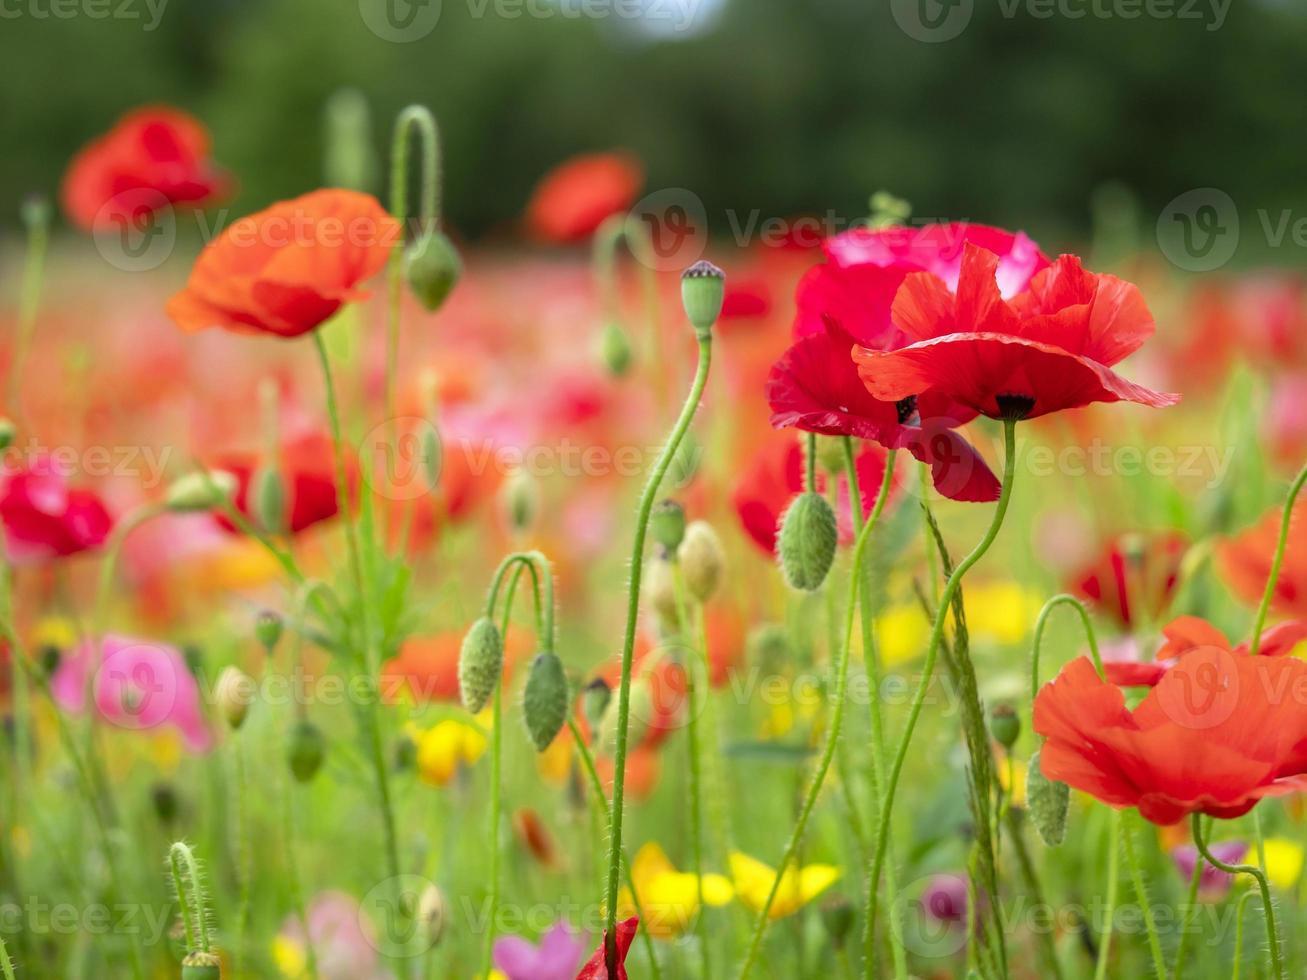 flores coloridas de papoula em um campo foto